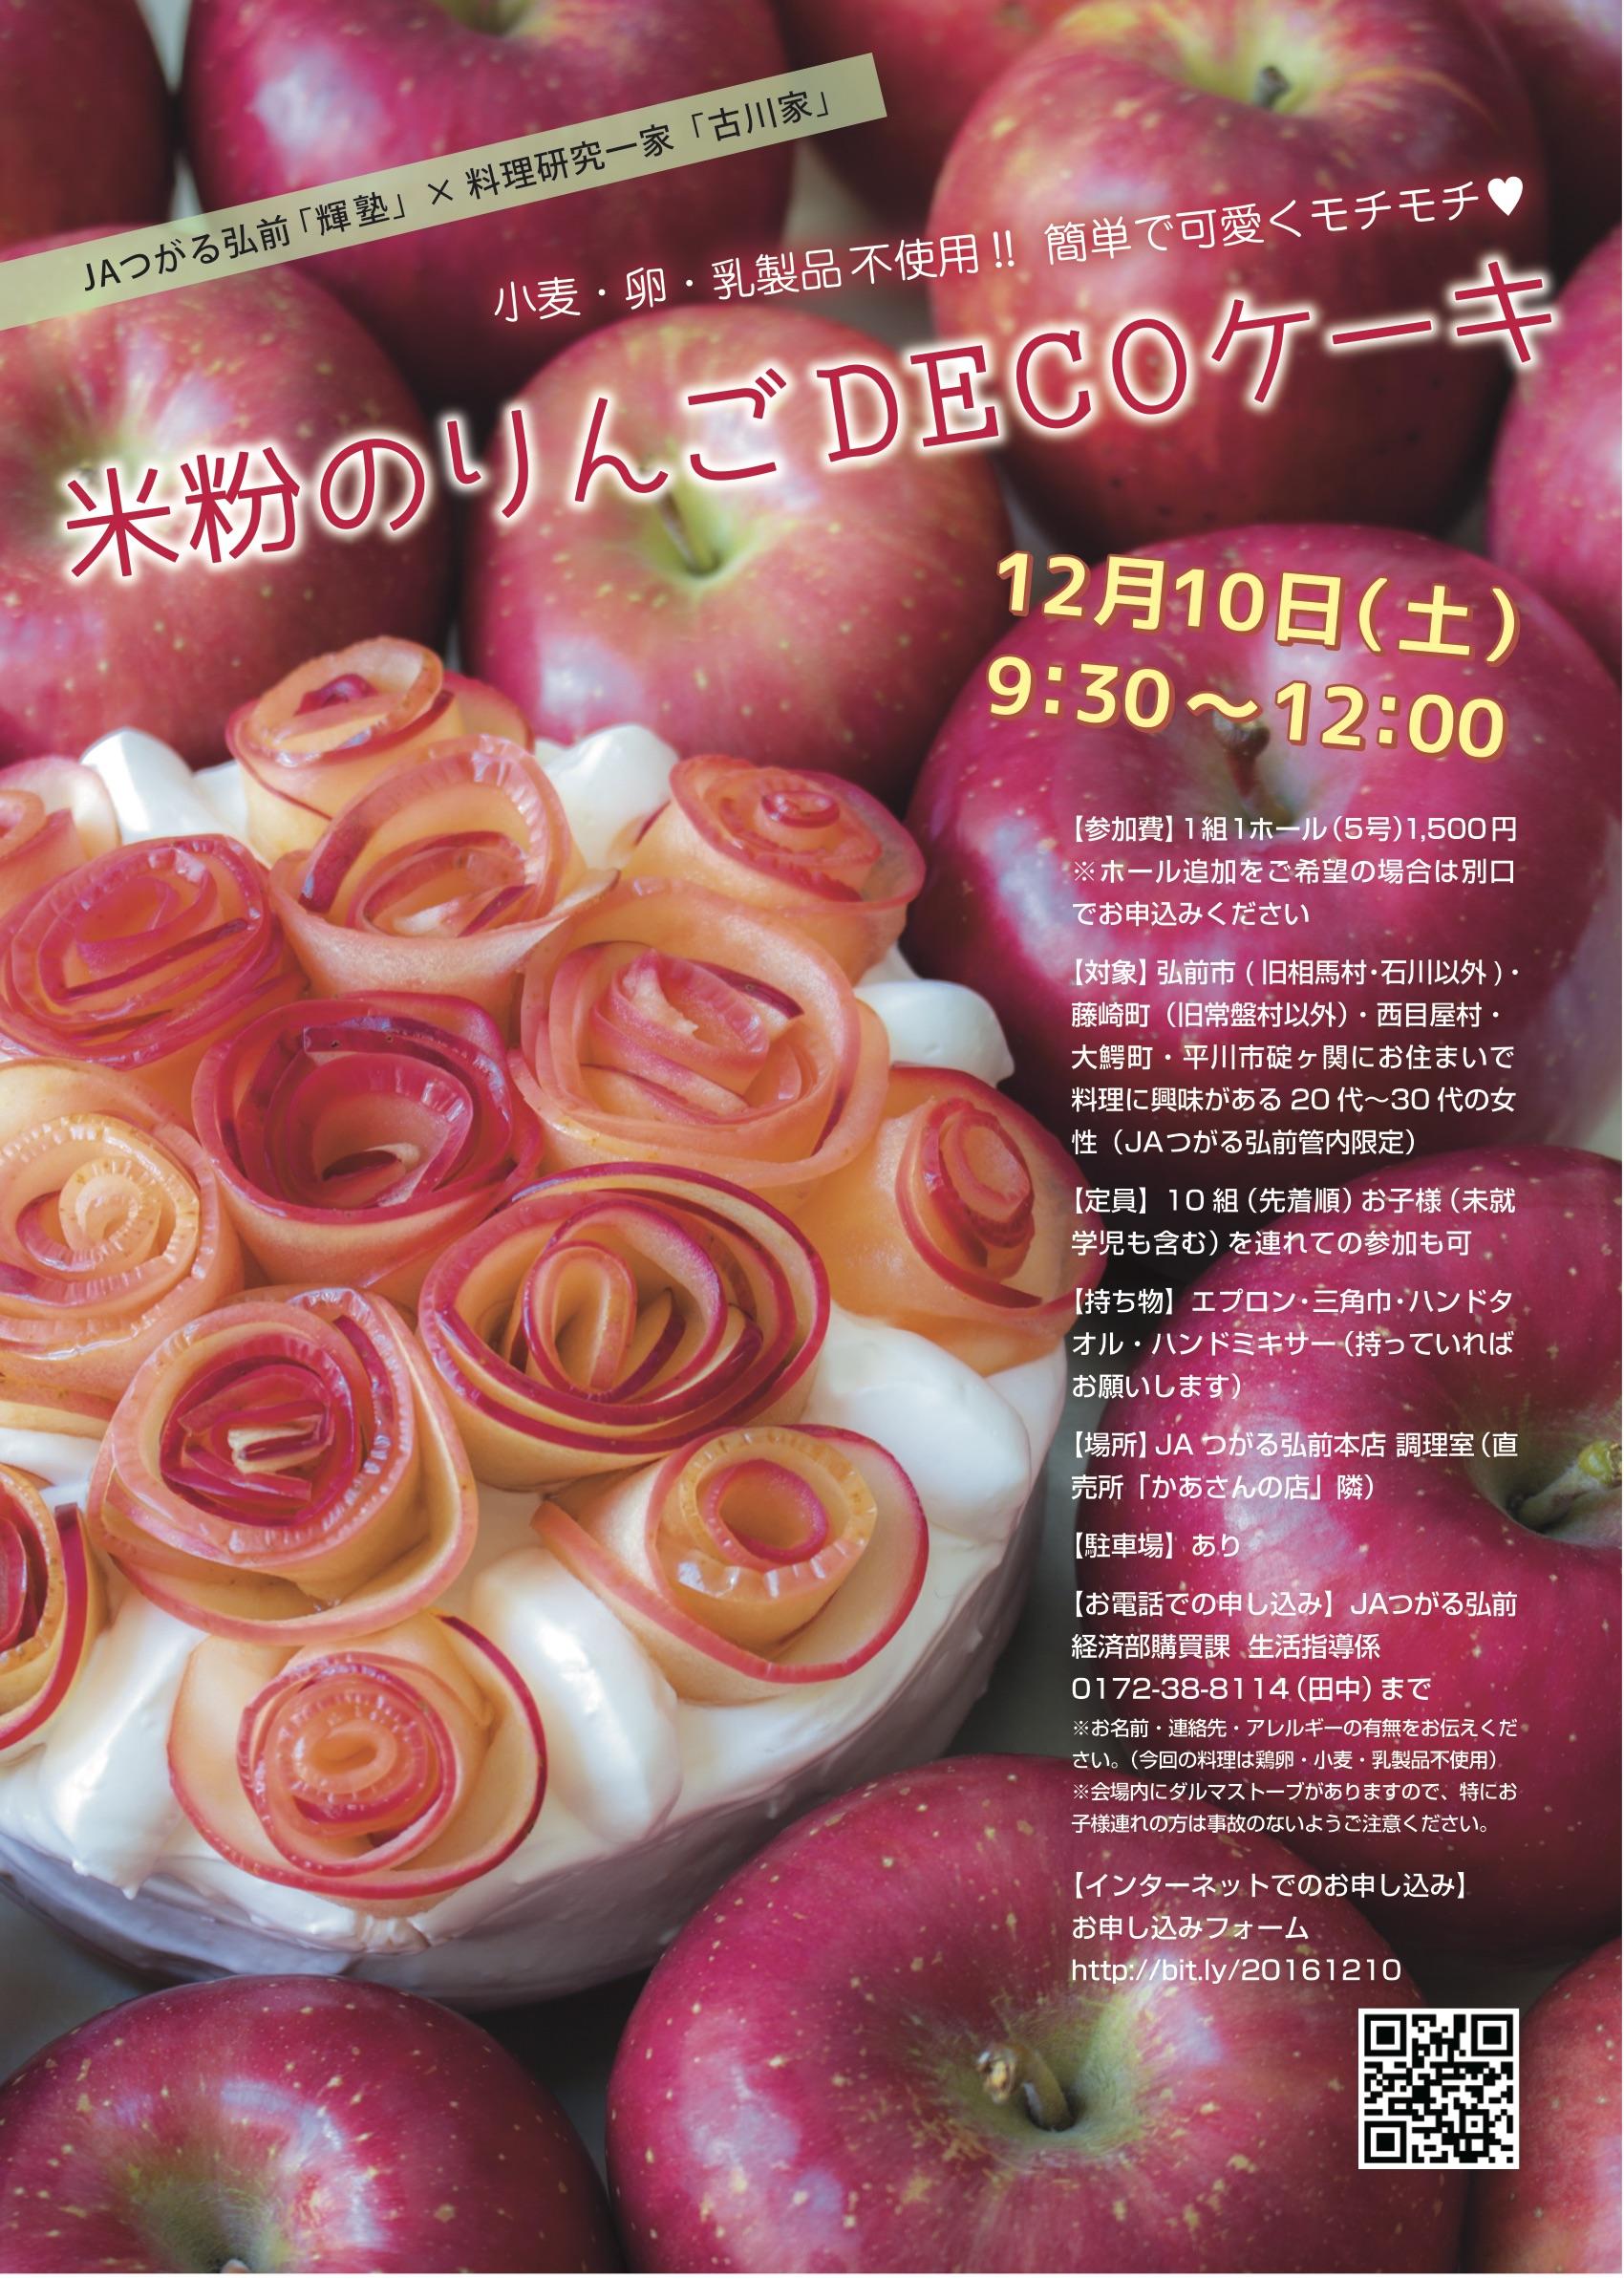 JAつがる弘前 米粉のりんごDECOケーキ フライヤー